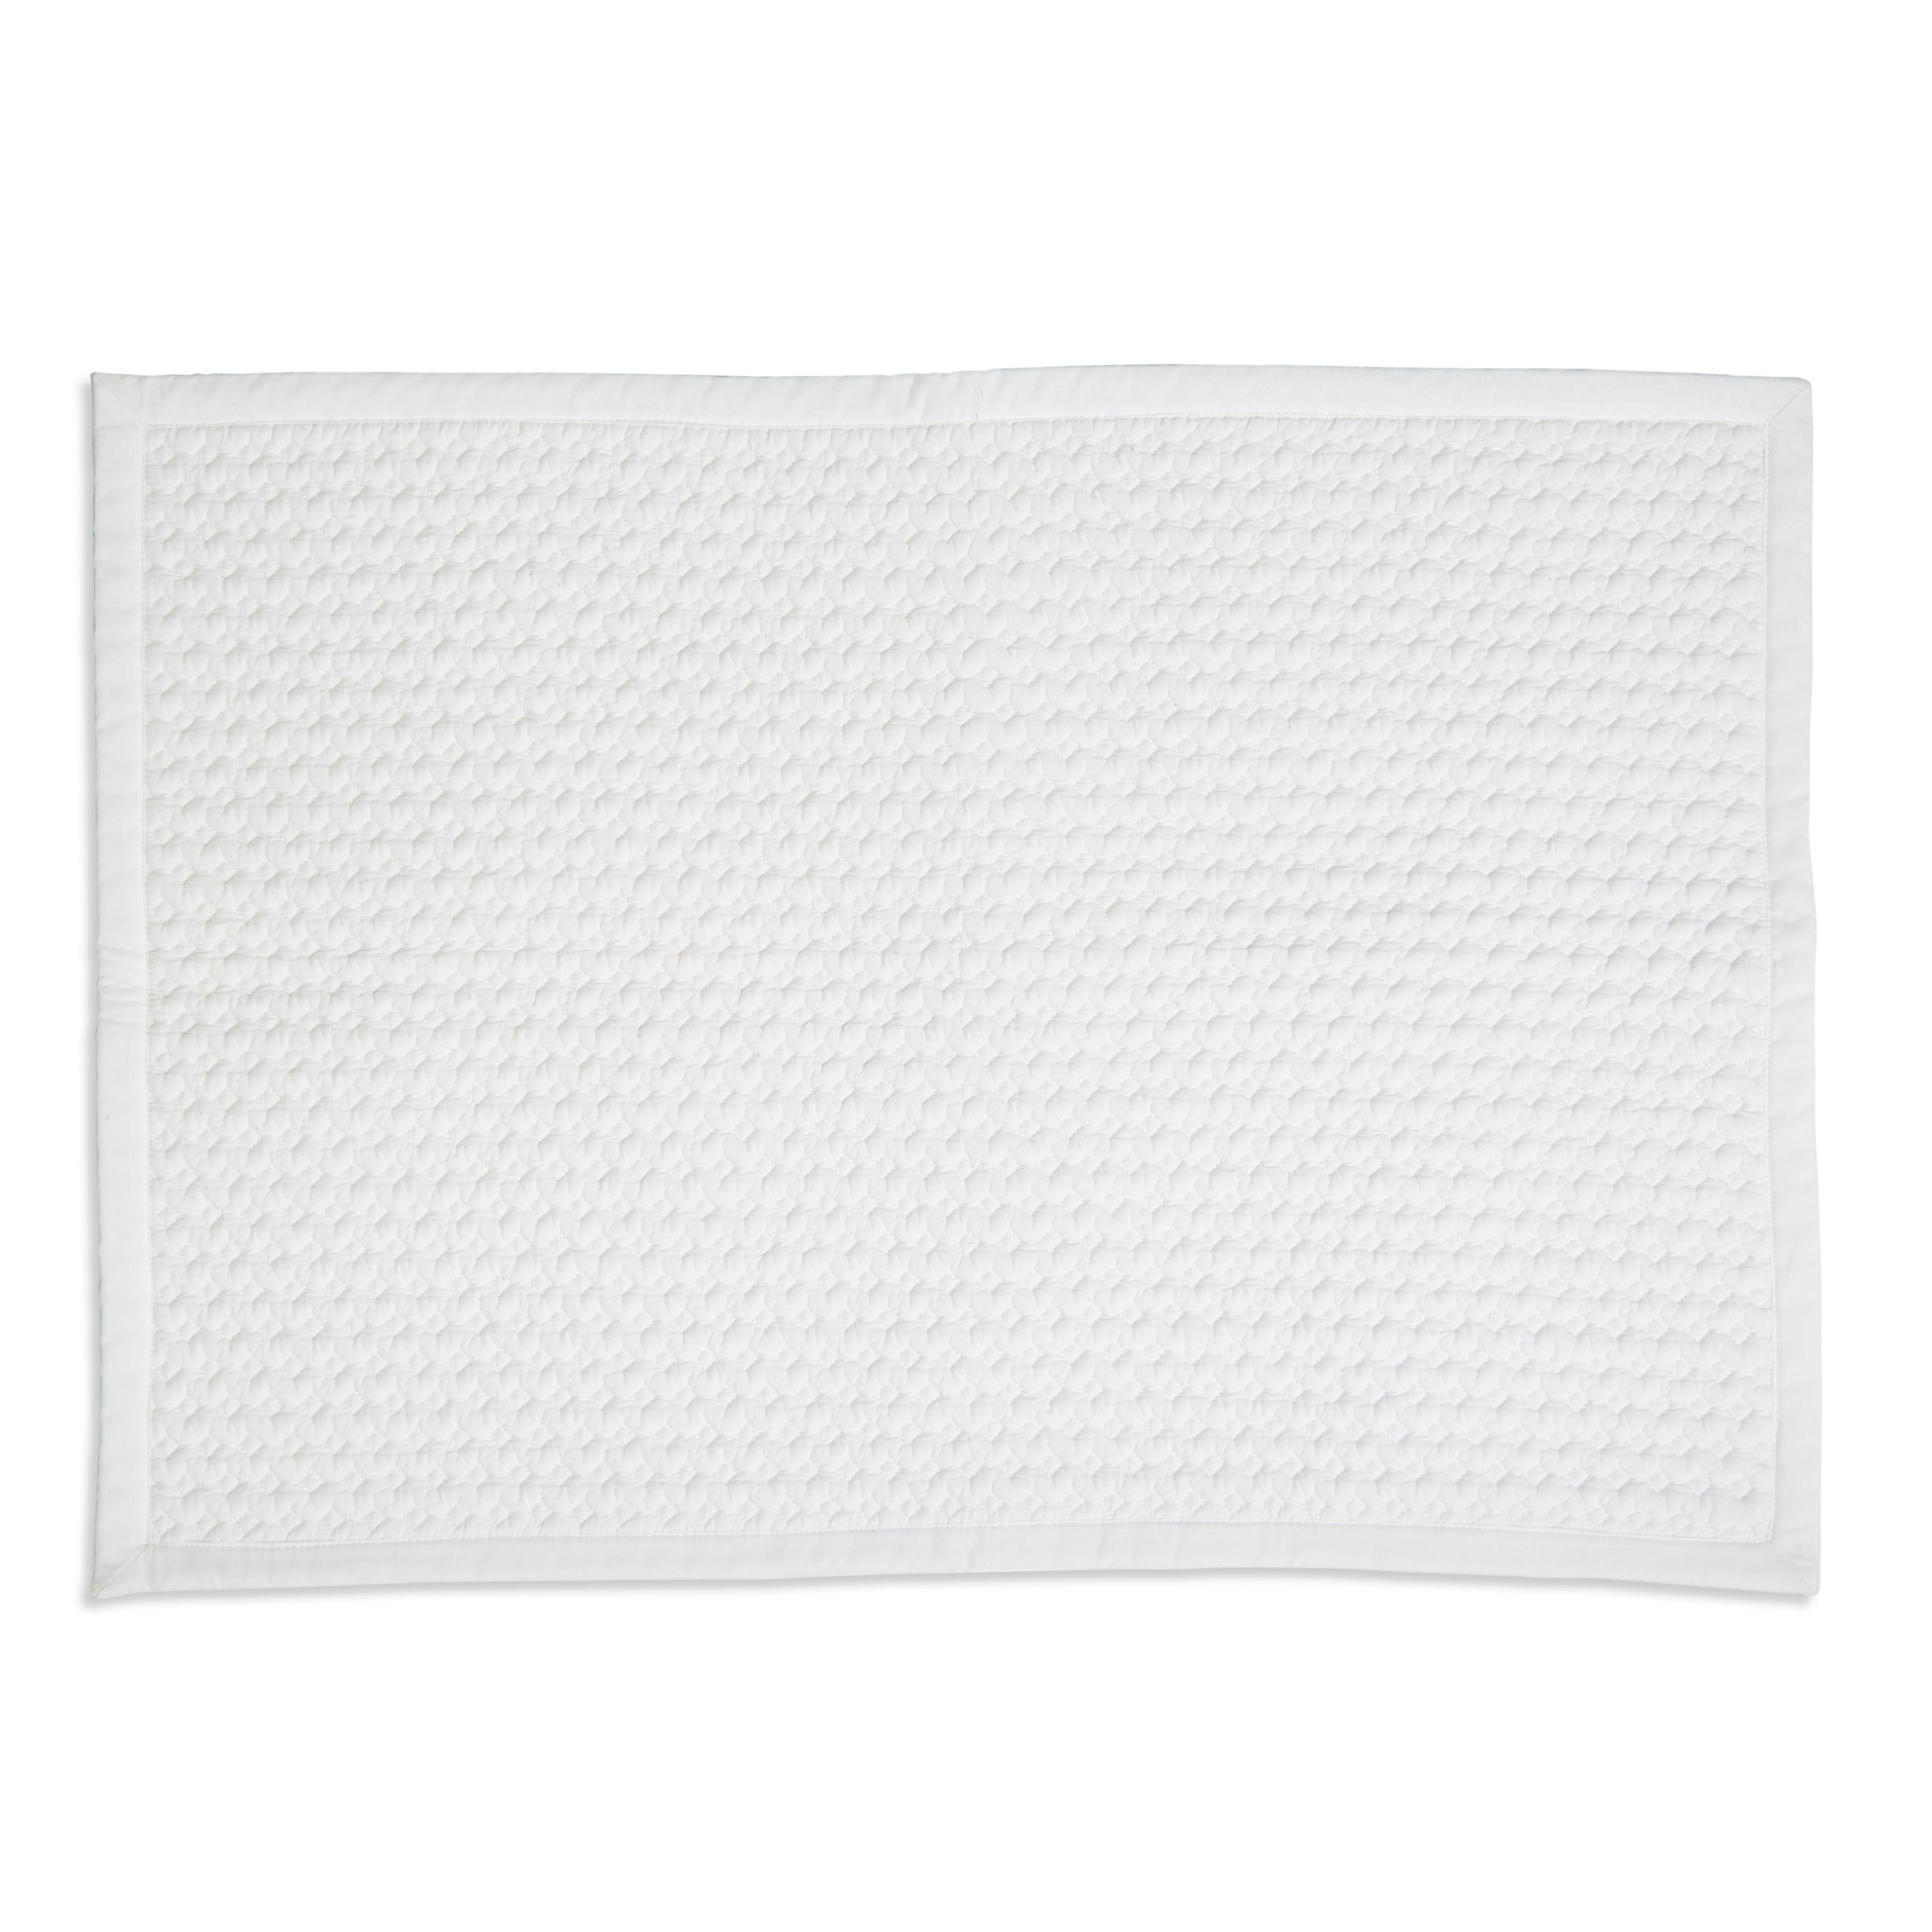 Marinette Saint-tropez Version White Cotton Bath Mat (l)500mm (w)700mm